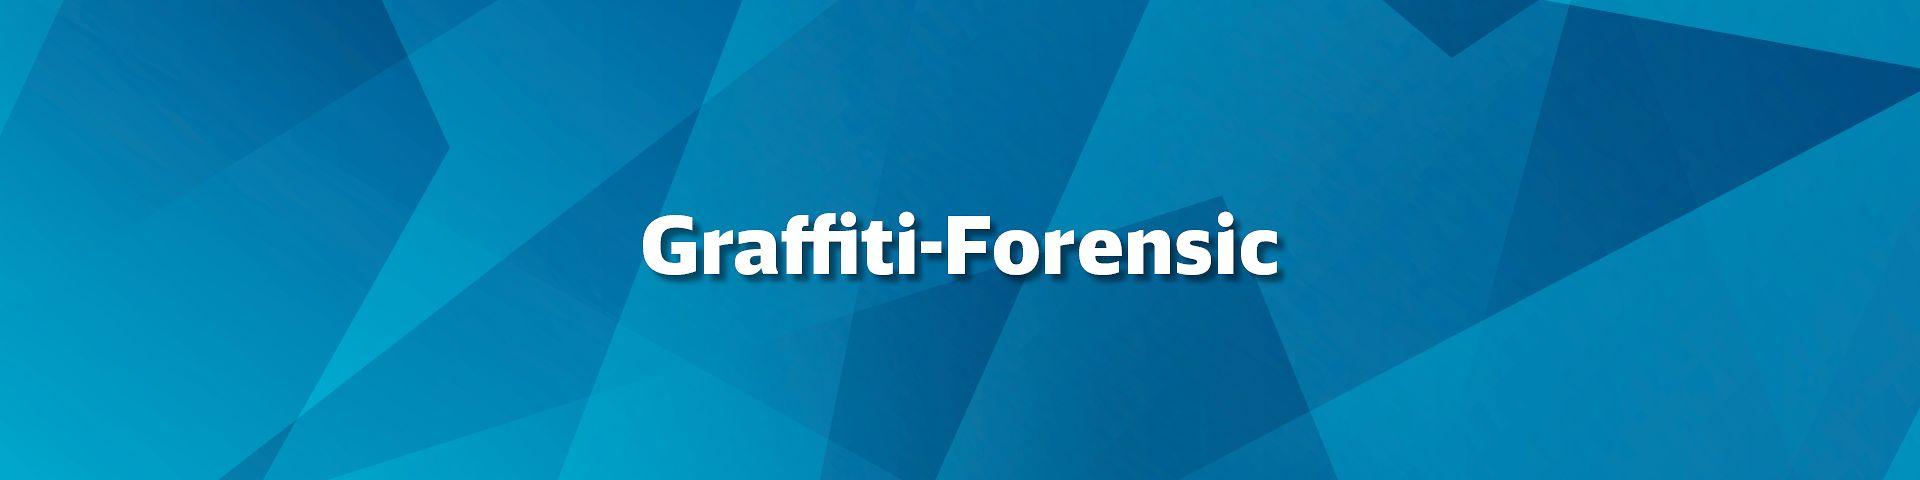 Graffiti Forensic Ermoglicht Aufklarung